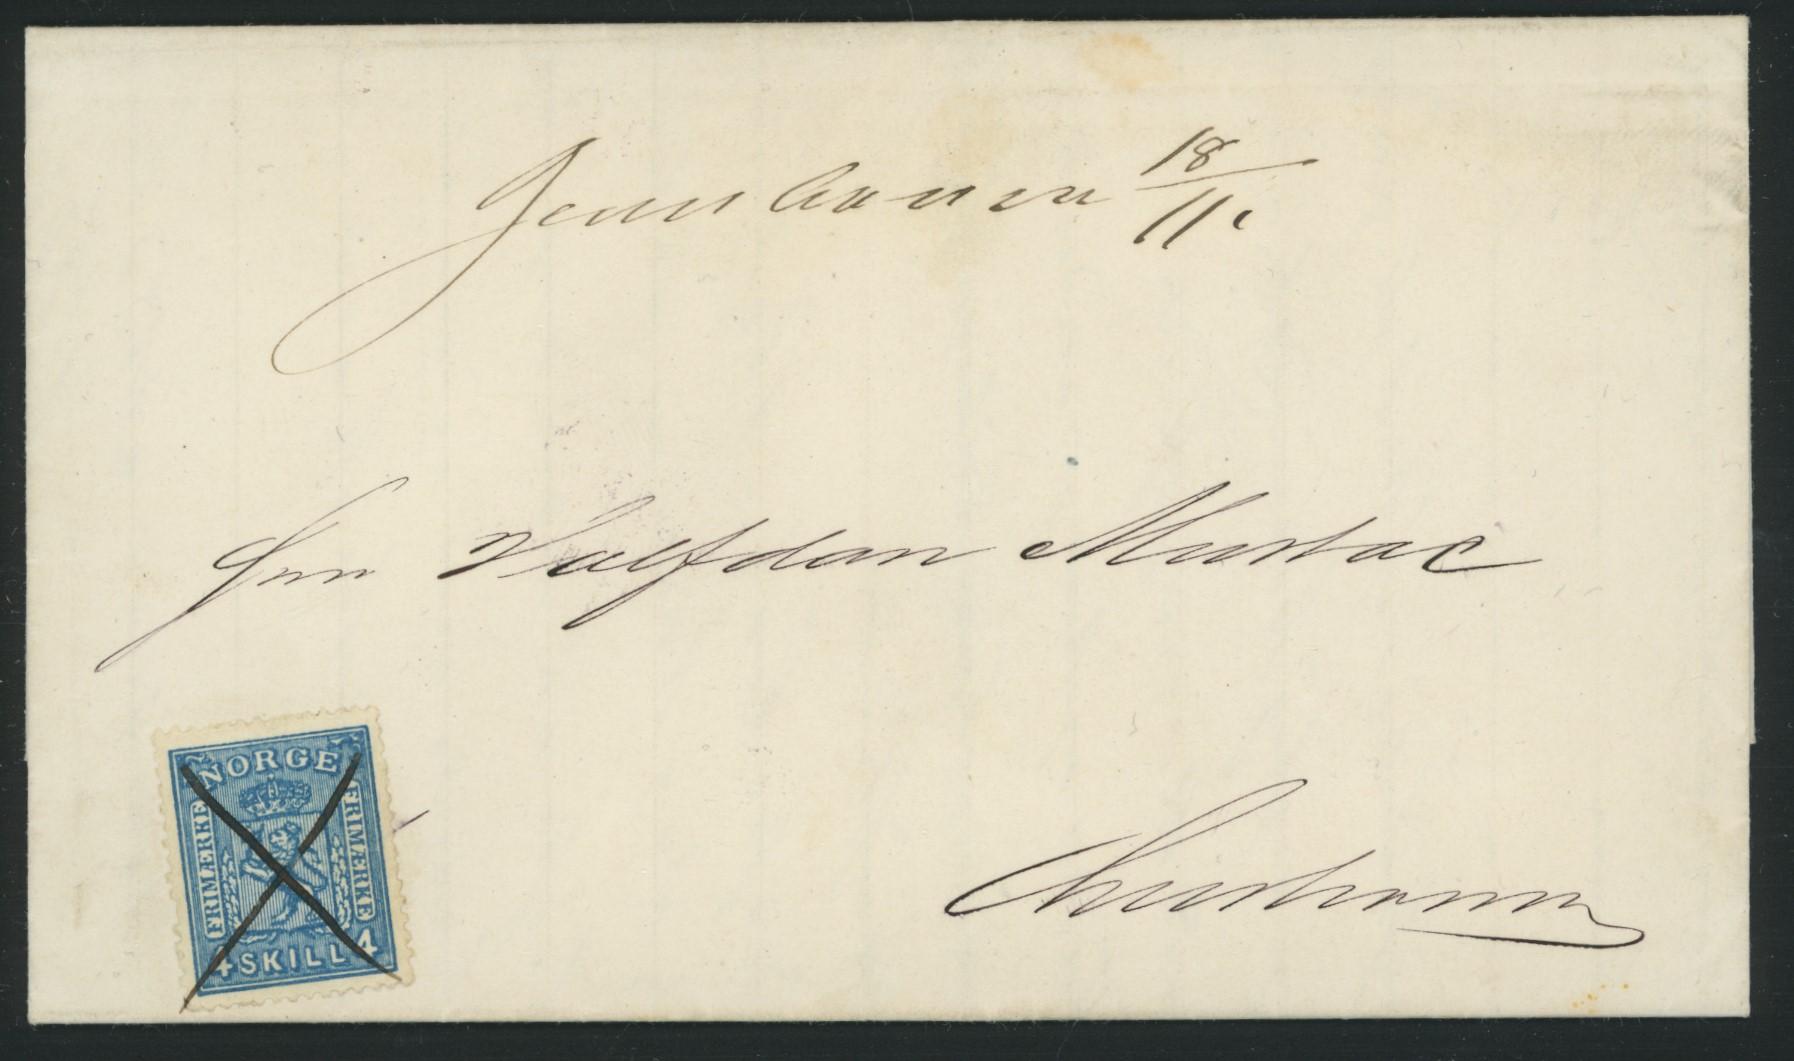 Lot 4459 - Jernbane  -  Skanfil Auksjoner AS  Public auction 211